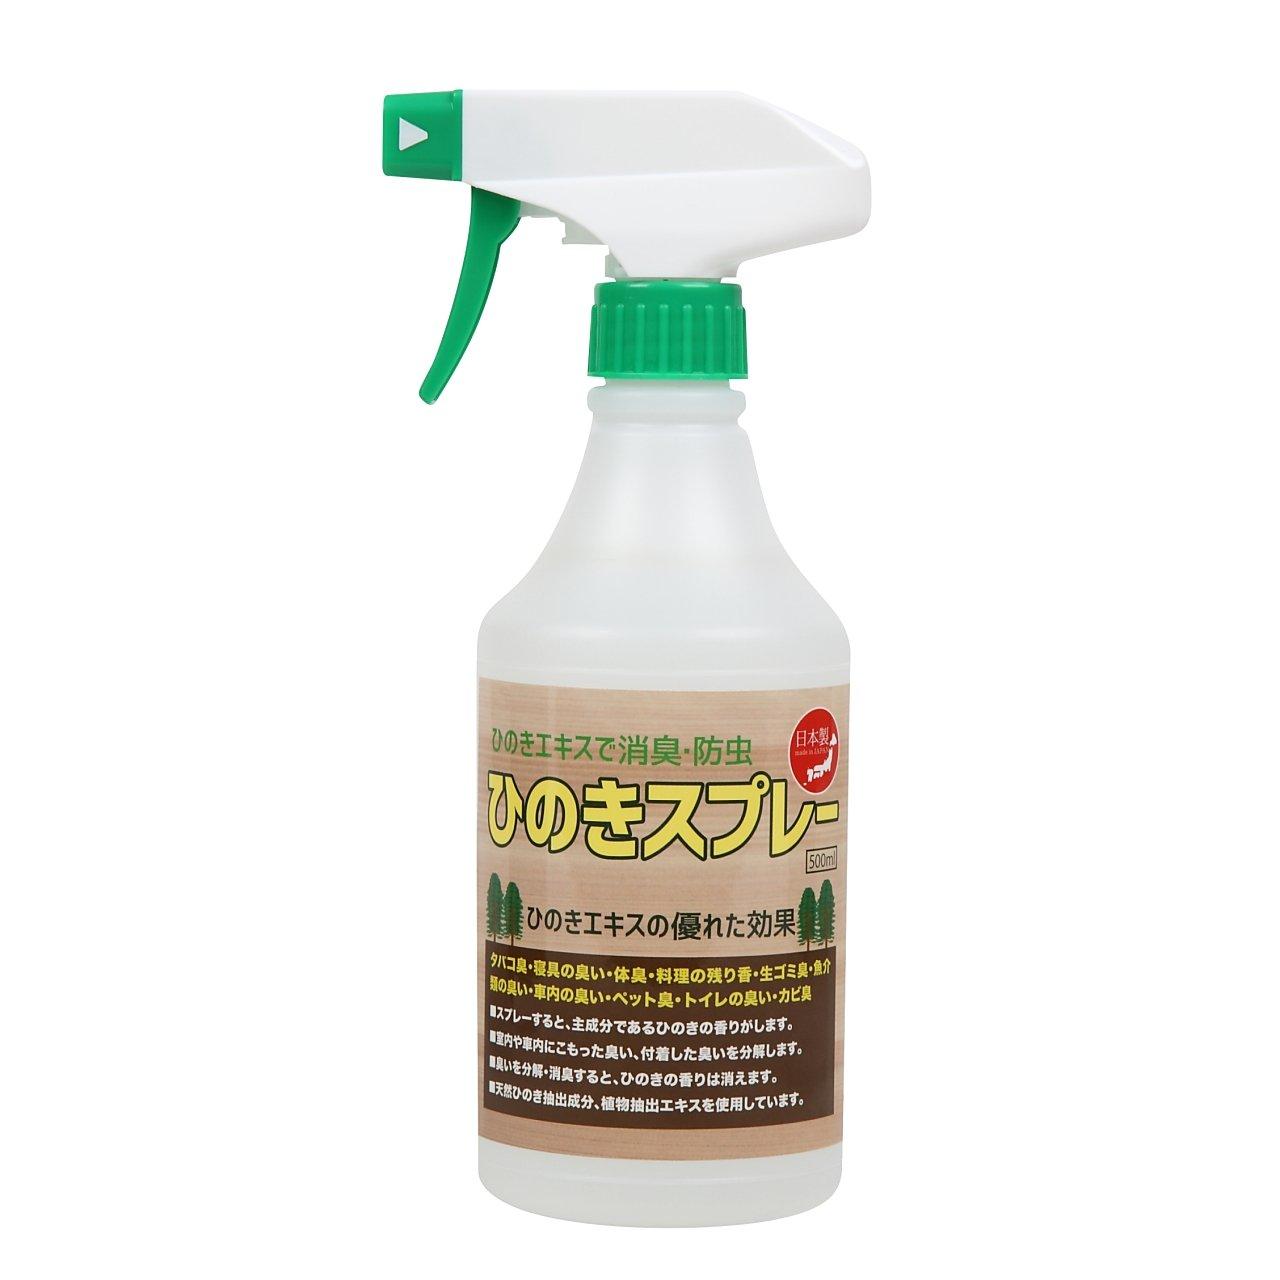 【日本製】天然ひのきスプレー 500ml(消臭 防虫 除菌)